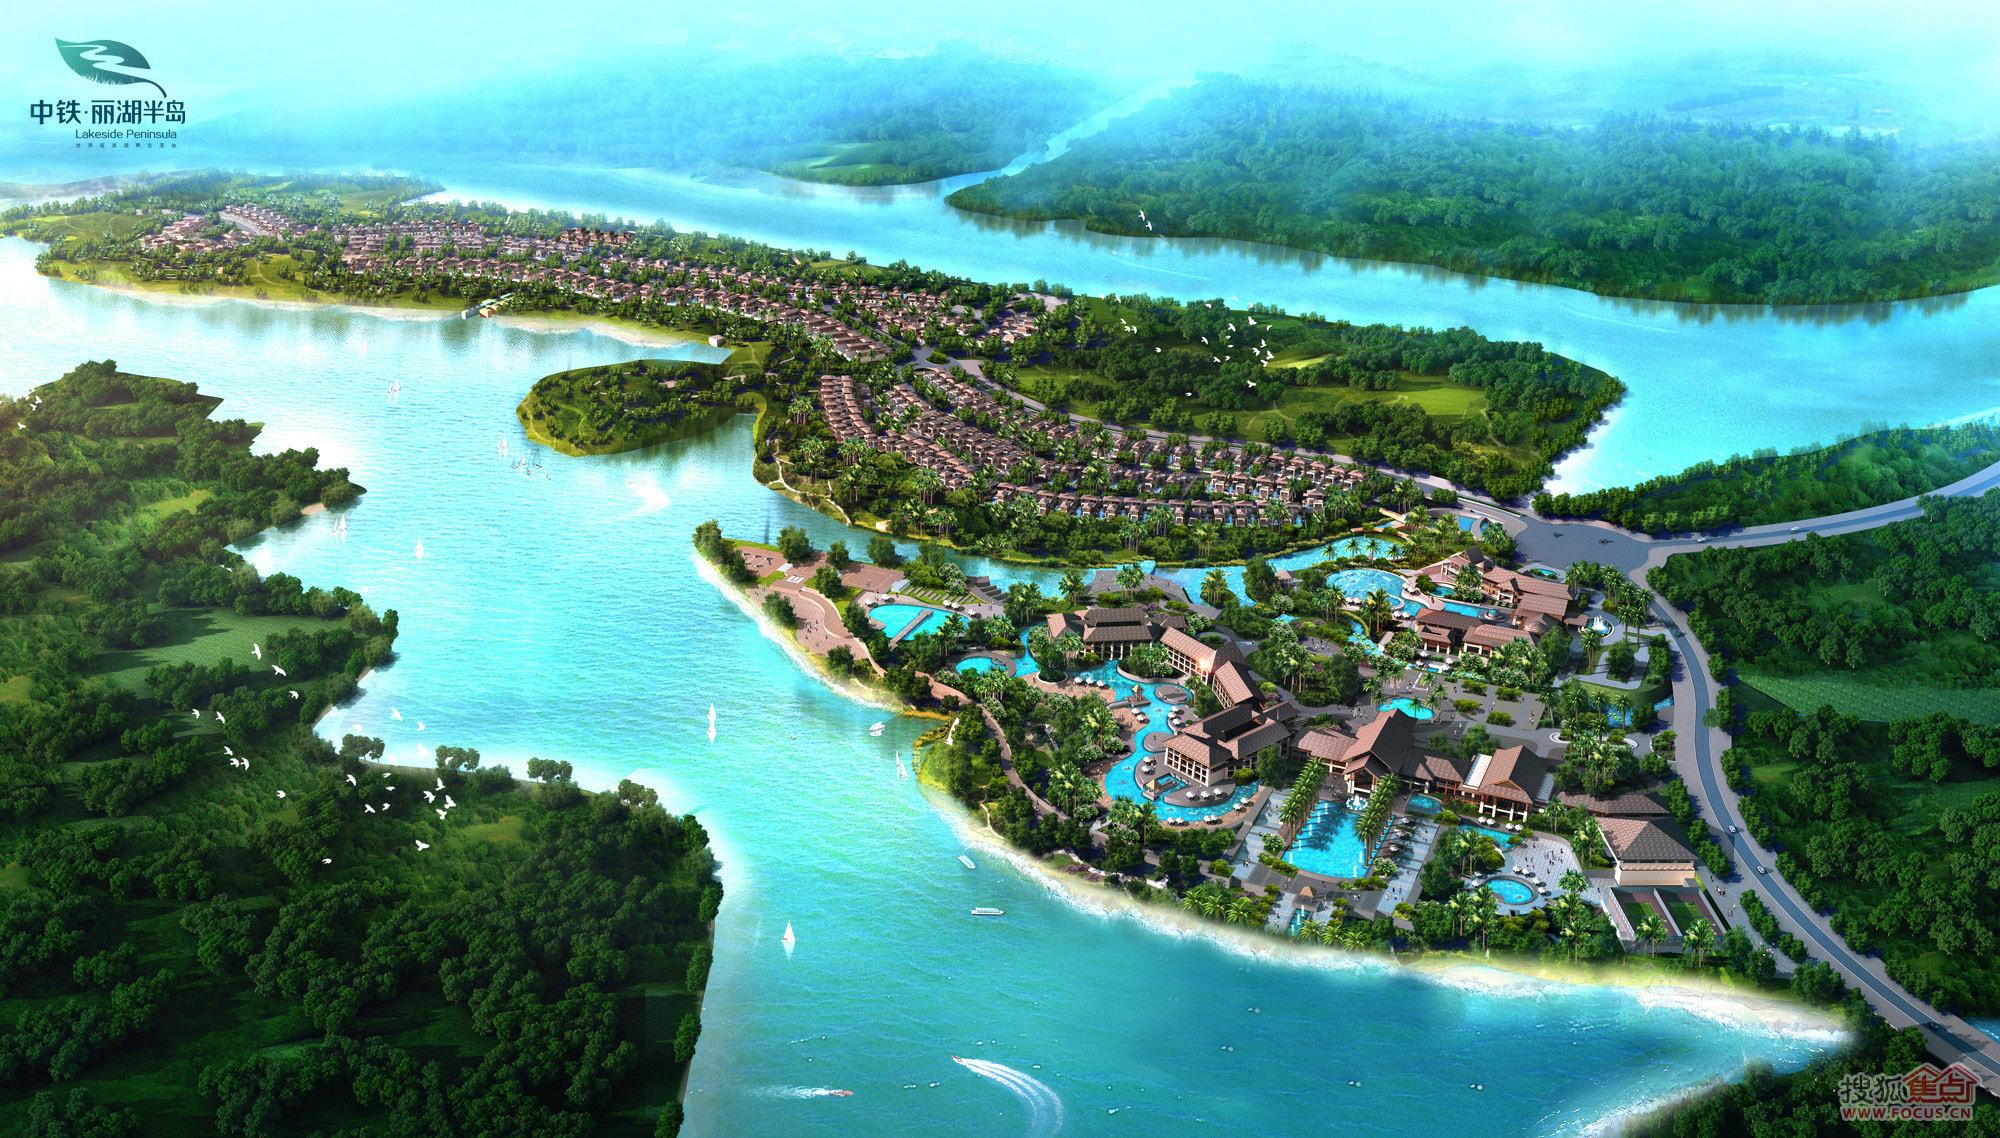 中铁·诺德丽湖半岛图片